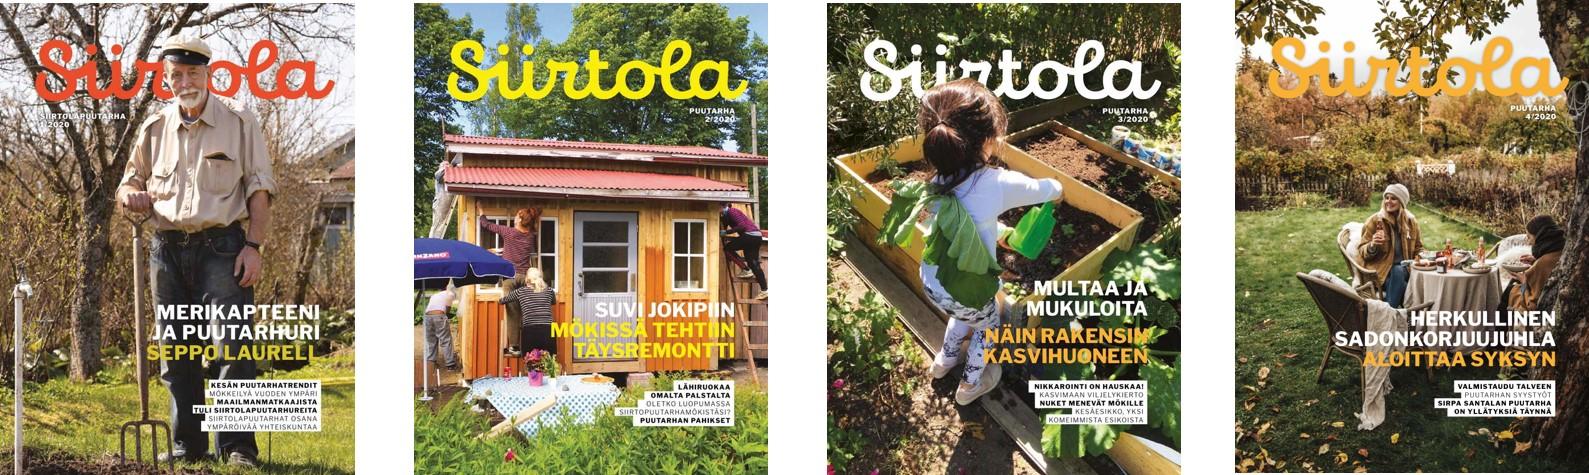 Alla näet lehden tämän vuoden kansikuvat. Toivomme sinun ottavan kantaa ensisijaisesti näihin lehtiin - kiitos.